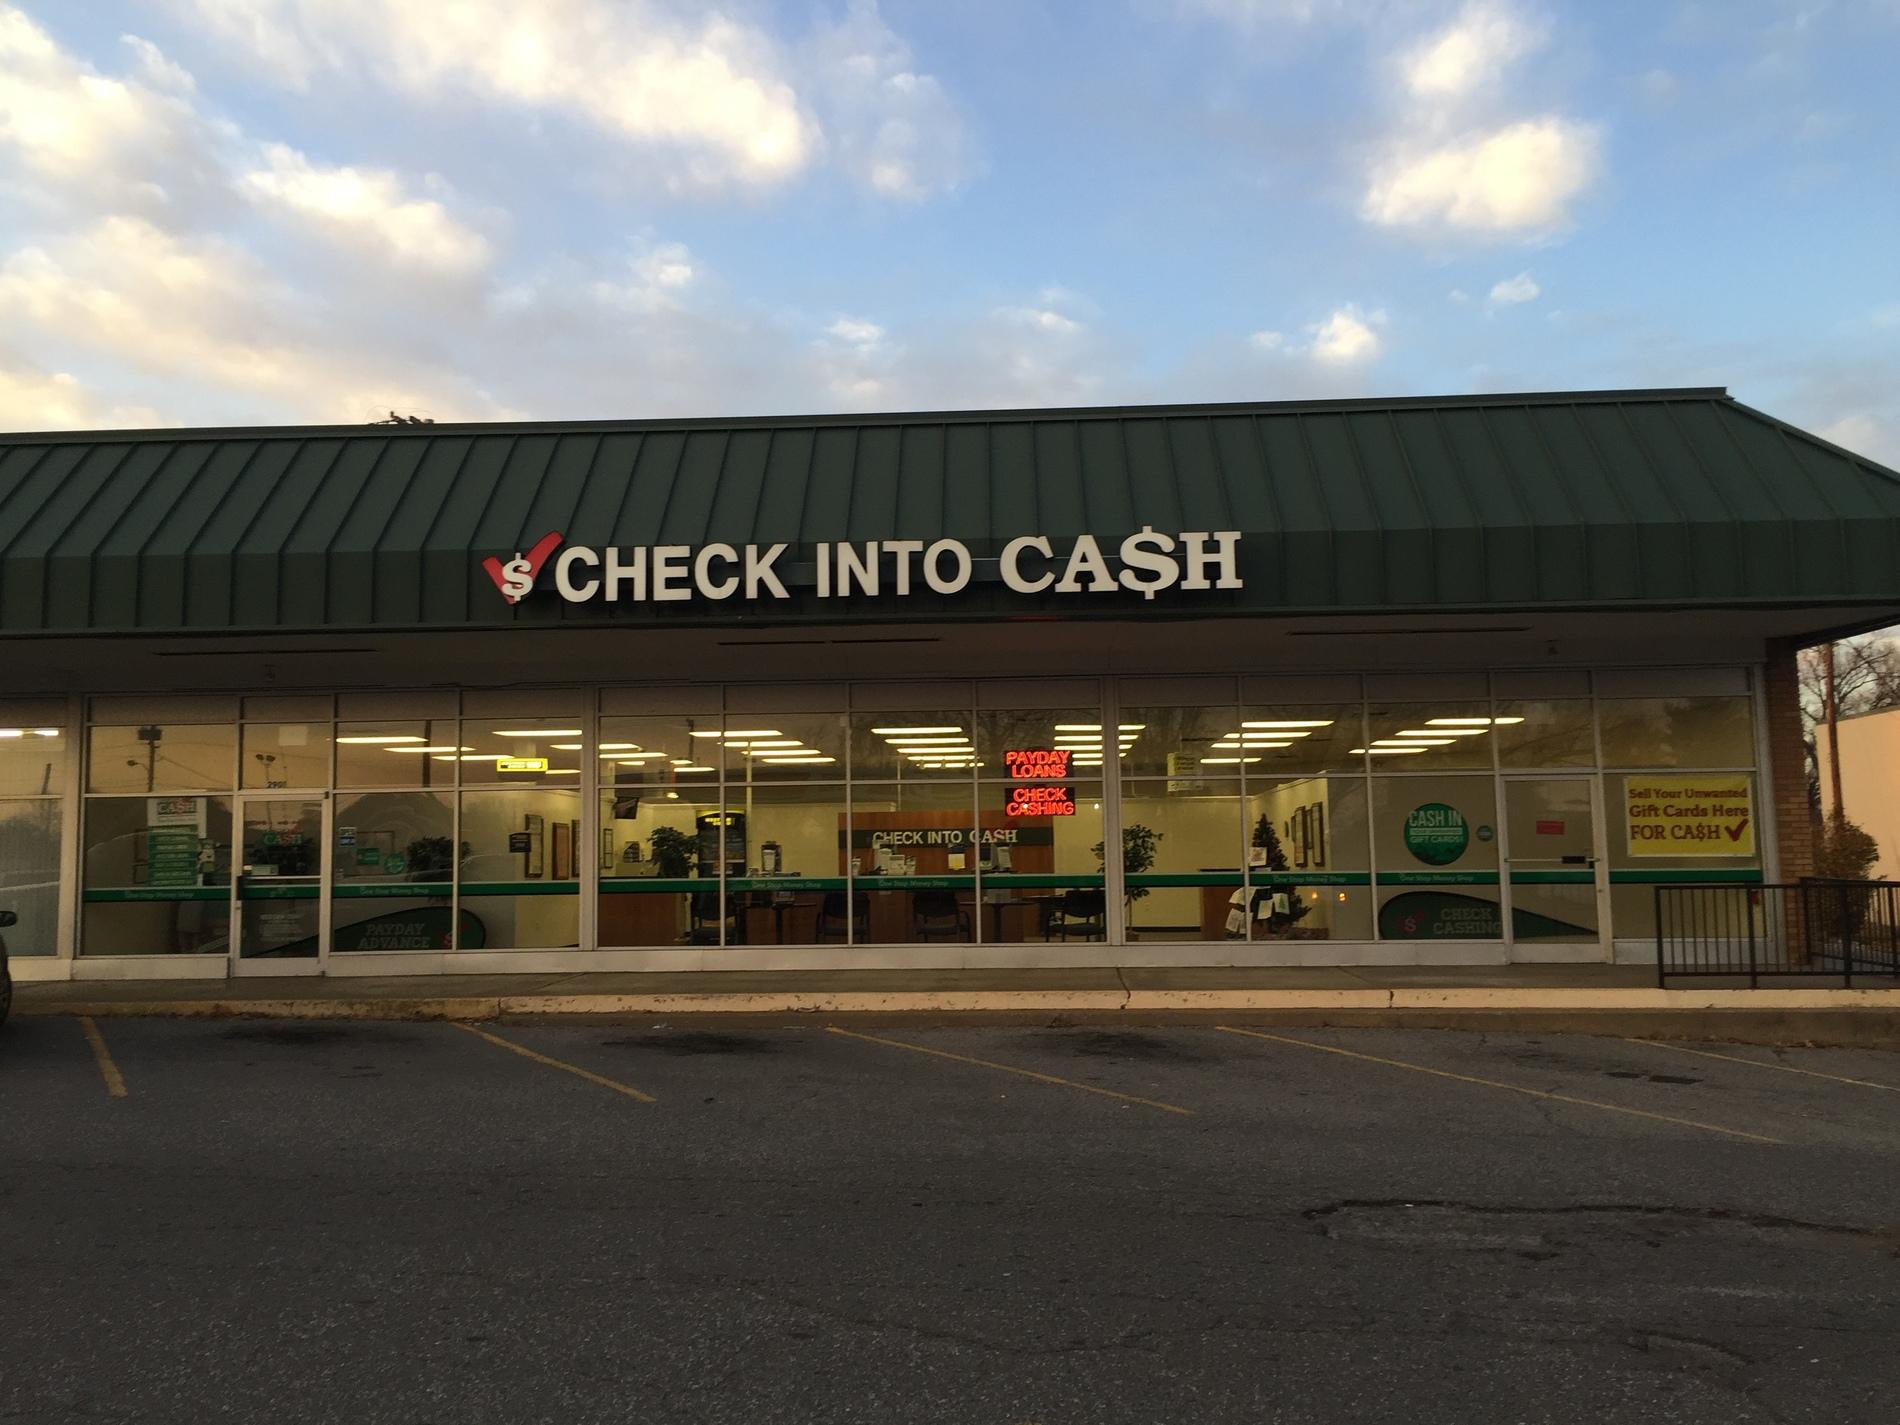 Cash advance america in orlando image 6